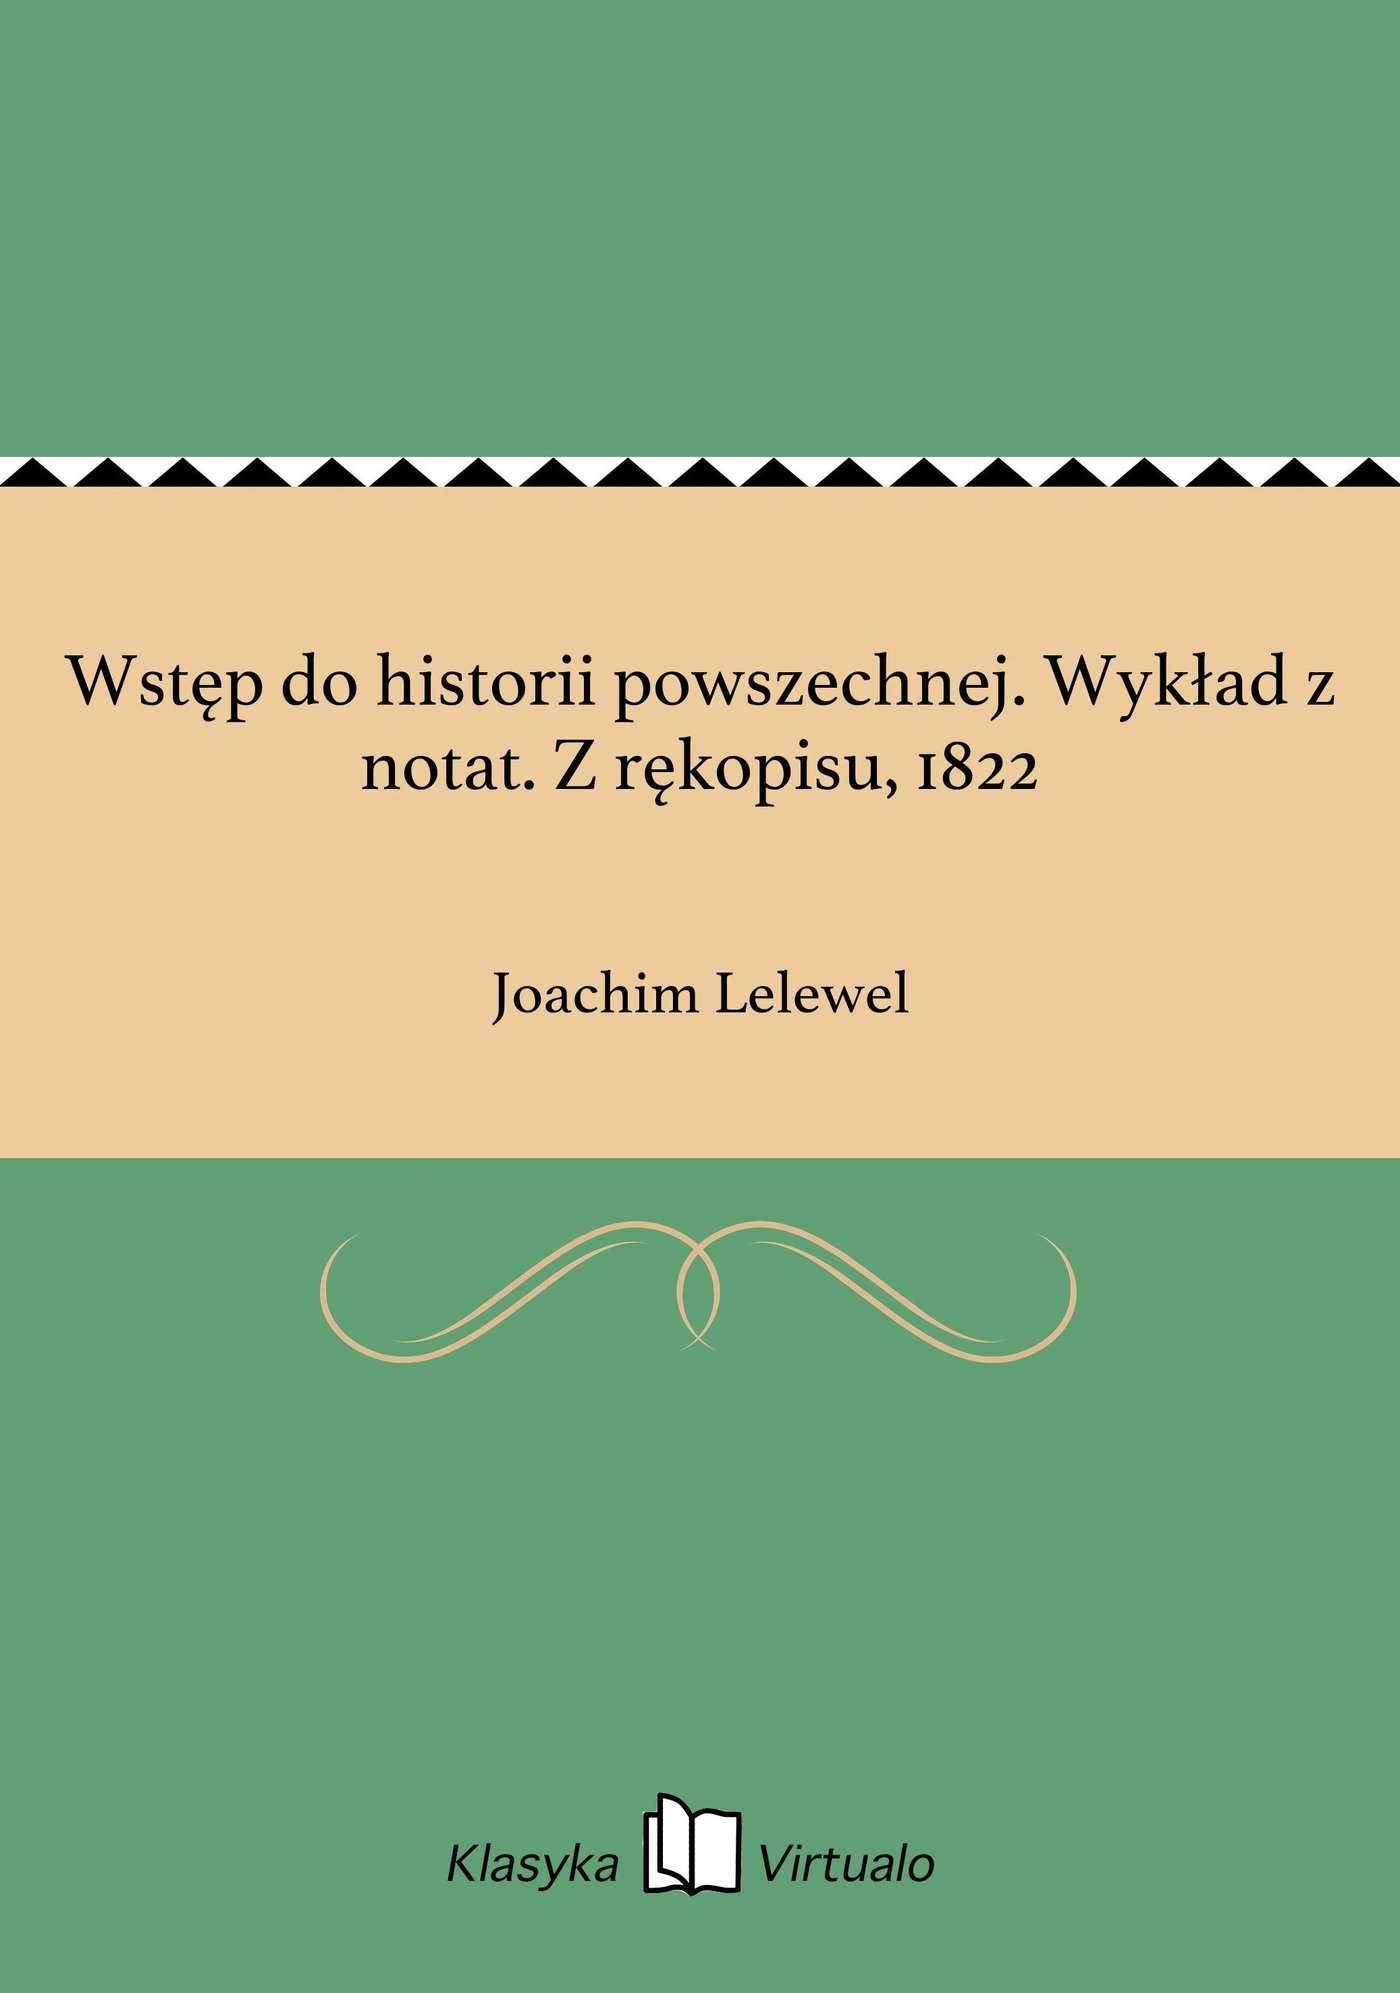 Wstęp do historii powszechnej. Wykład z notat. Z rękopisu, 1822 - Ebook (Książka EPUB) do pobrania w formacie EPUB